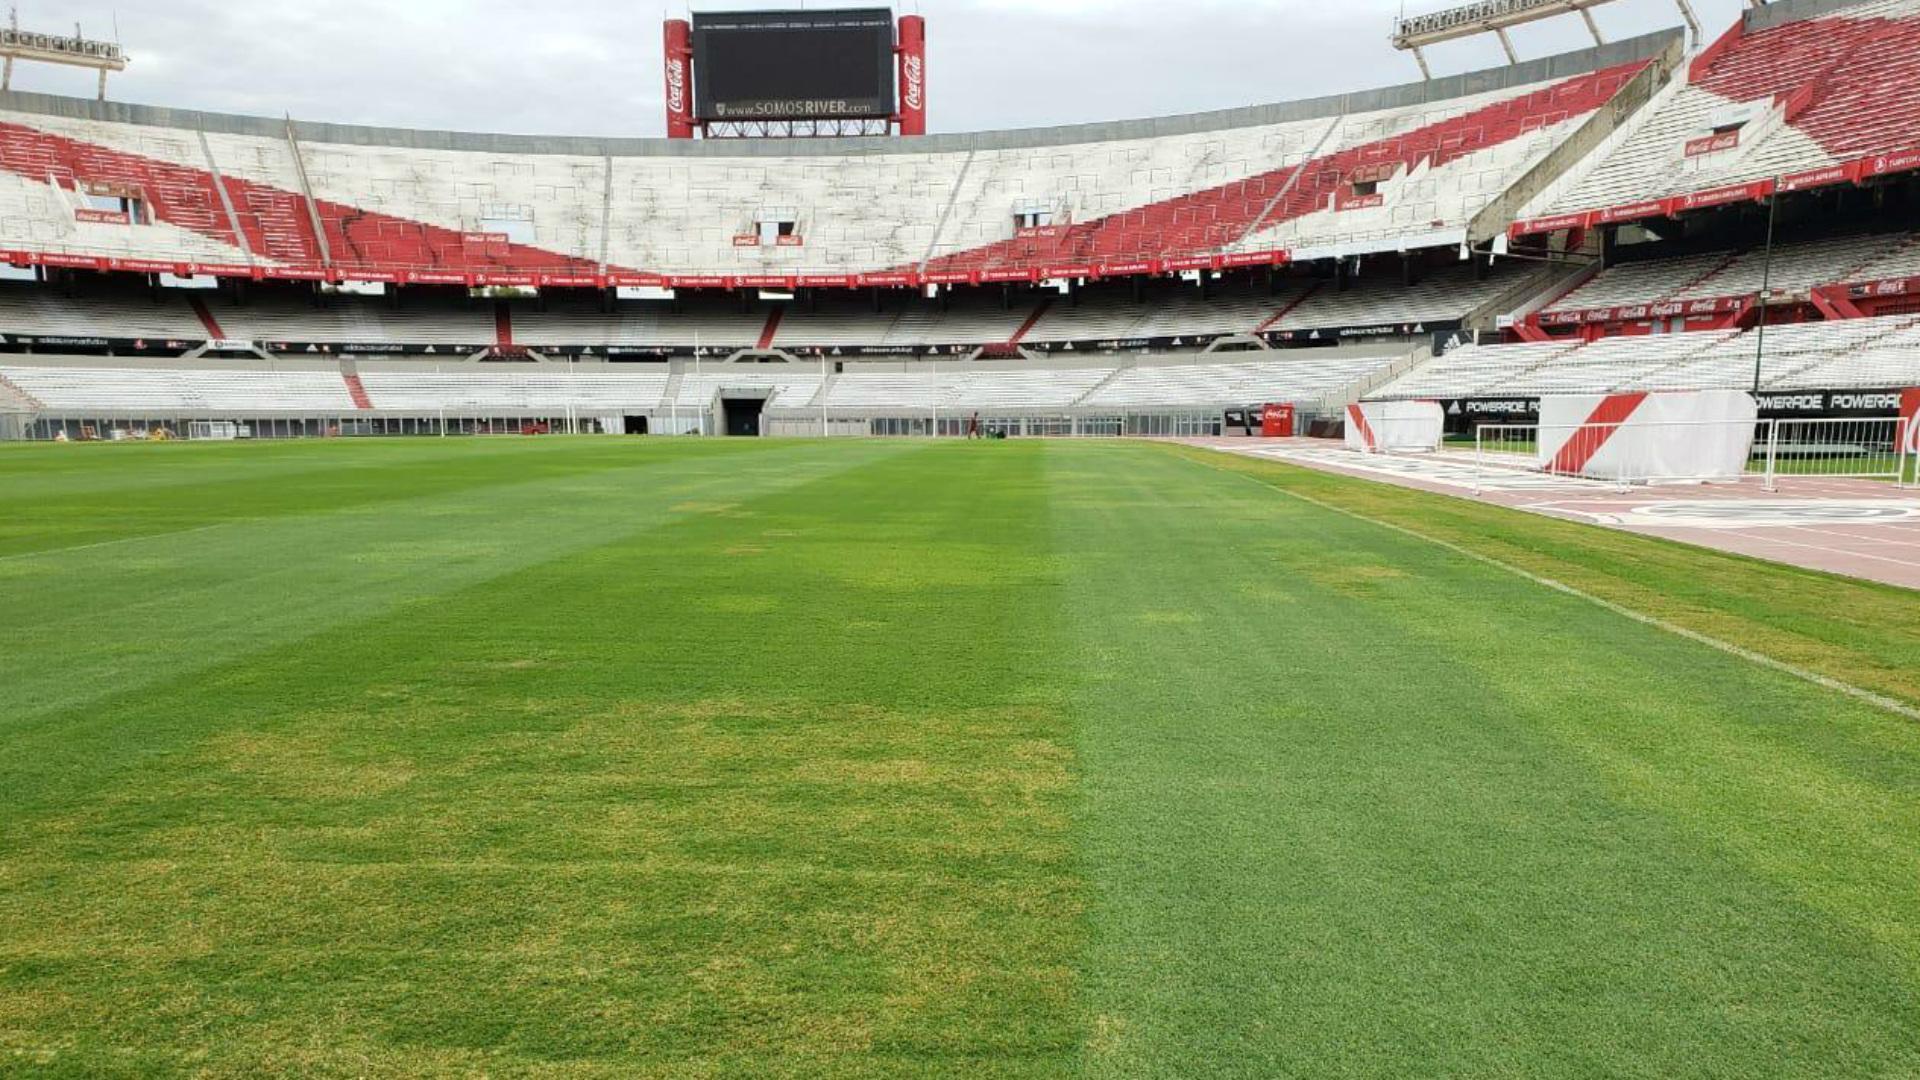 Le River Plate ferme son stade avant un match de championnat